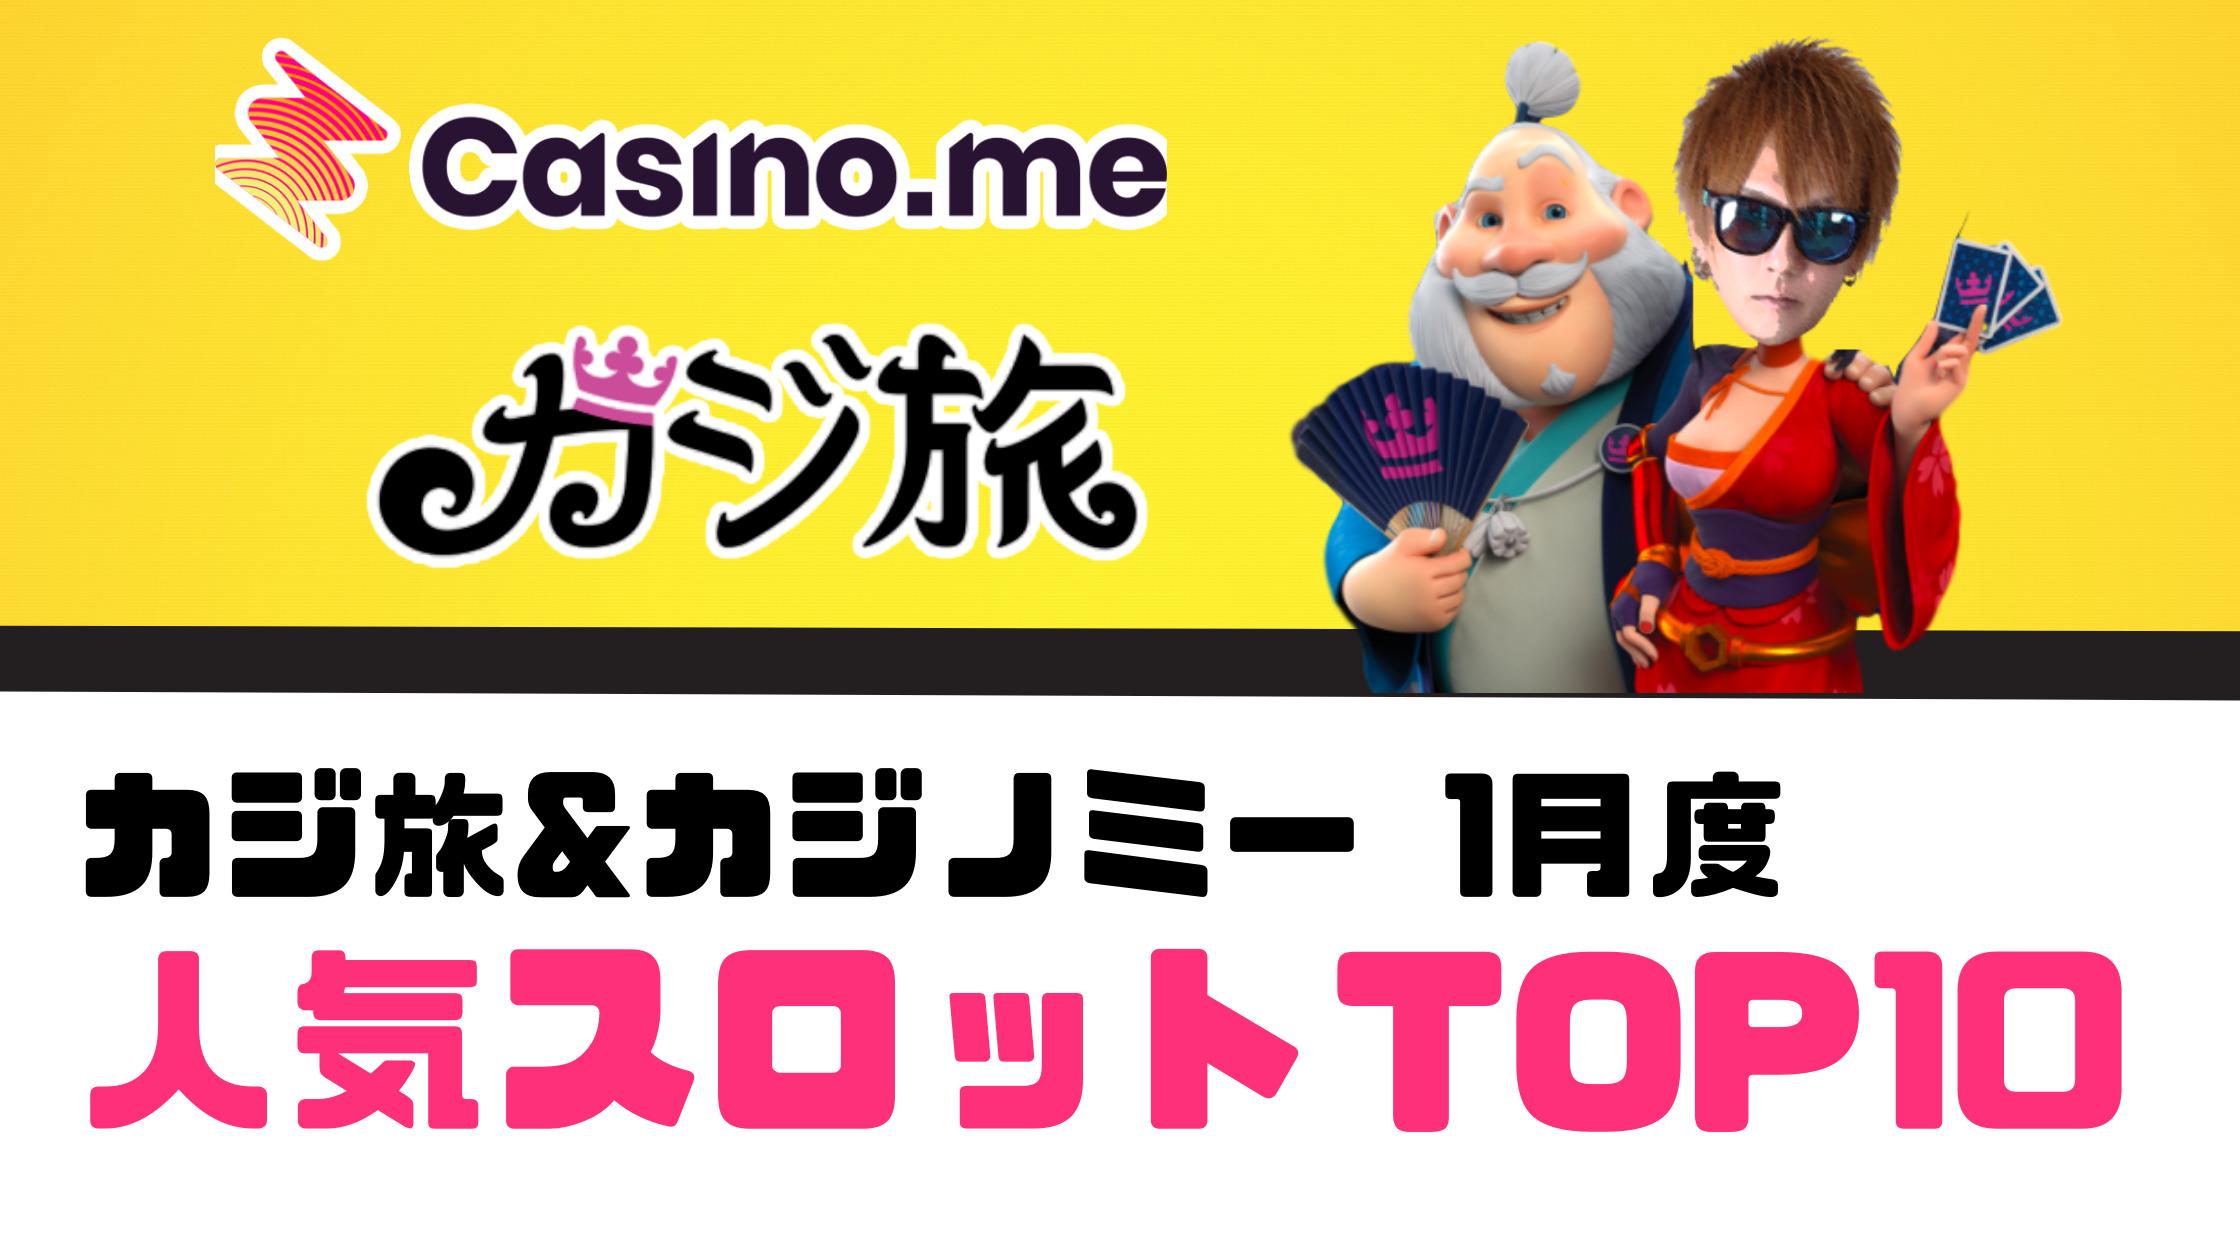 【カジノミー &カジ旅】 1月の人気スロット、RTPも全部公開!